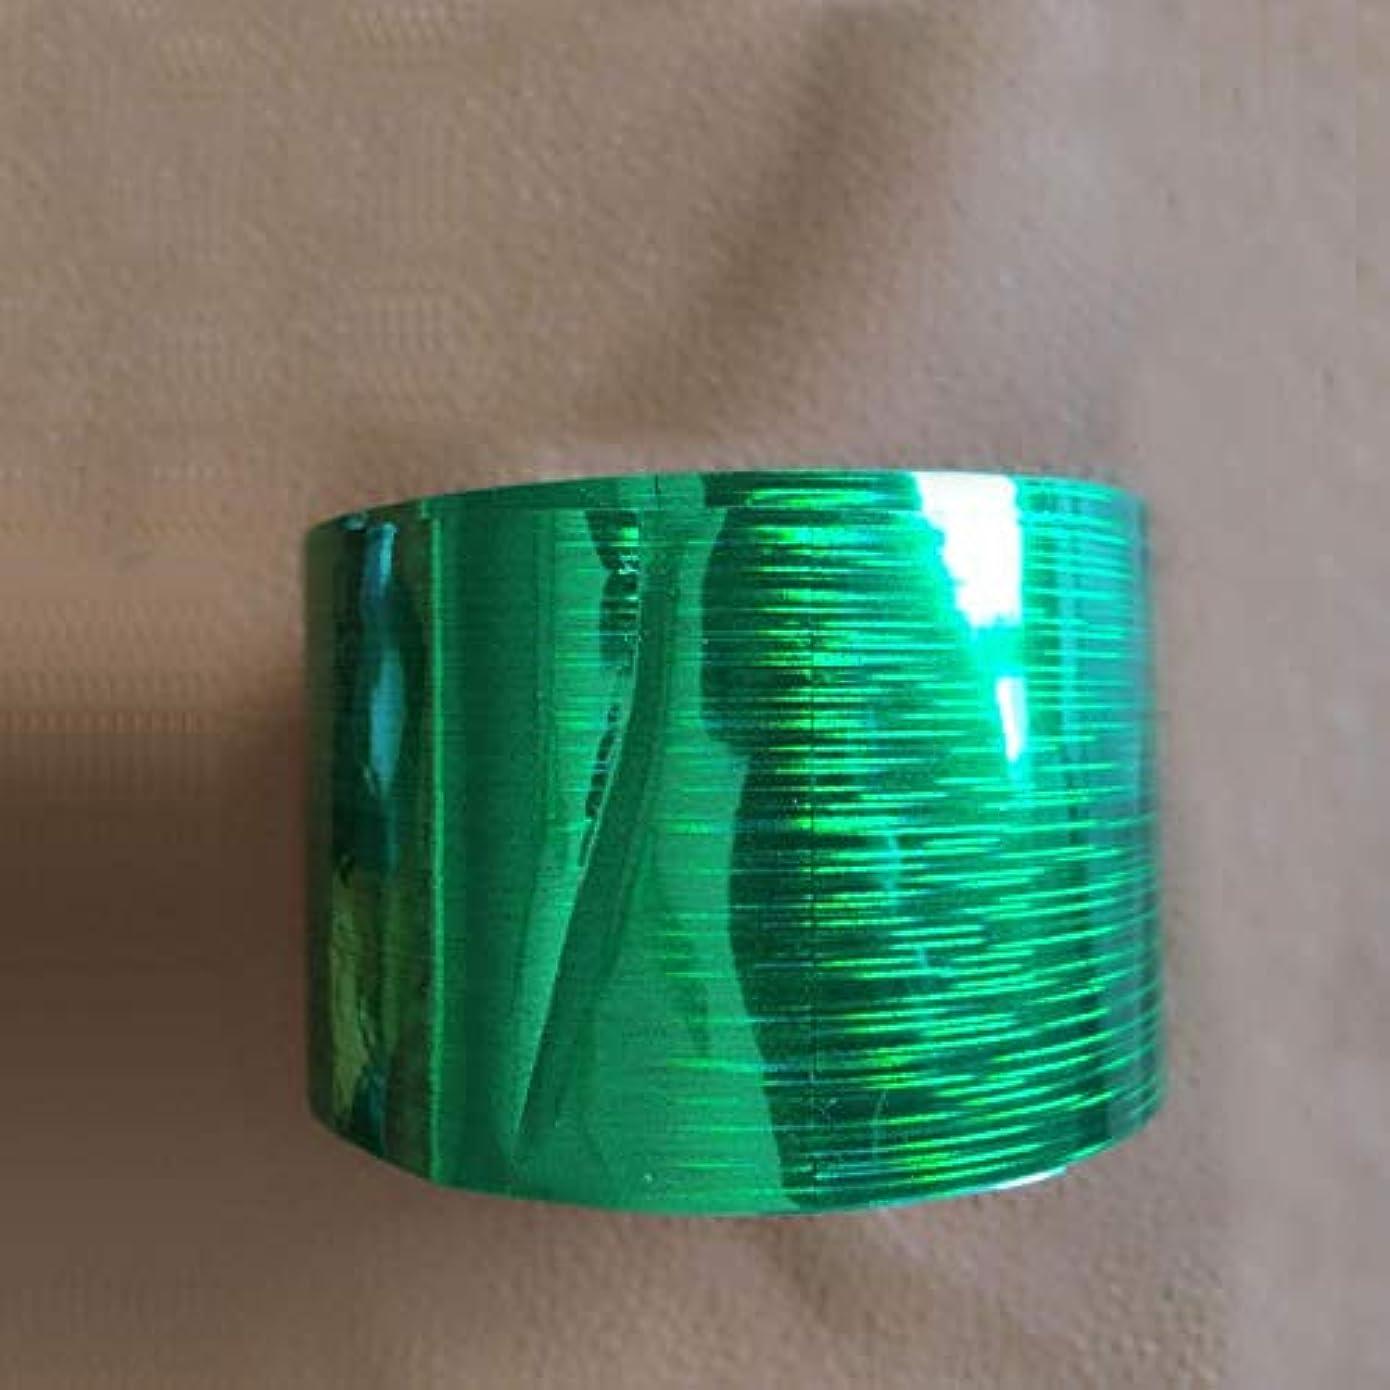 なしで一流お世話になったSUKTI&XIAO ネイルステッカー 1ロール120M * 4CmホログラフィックネイルフォイルレインボートランスファーフォイルステッカーフィンガーラップネイルアートDiy接着剤マニキュア美容デカール、グリーン